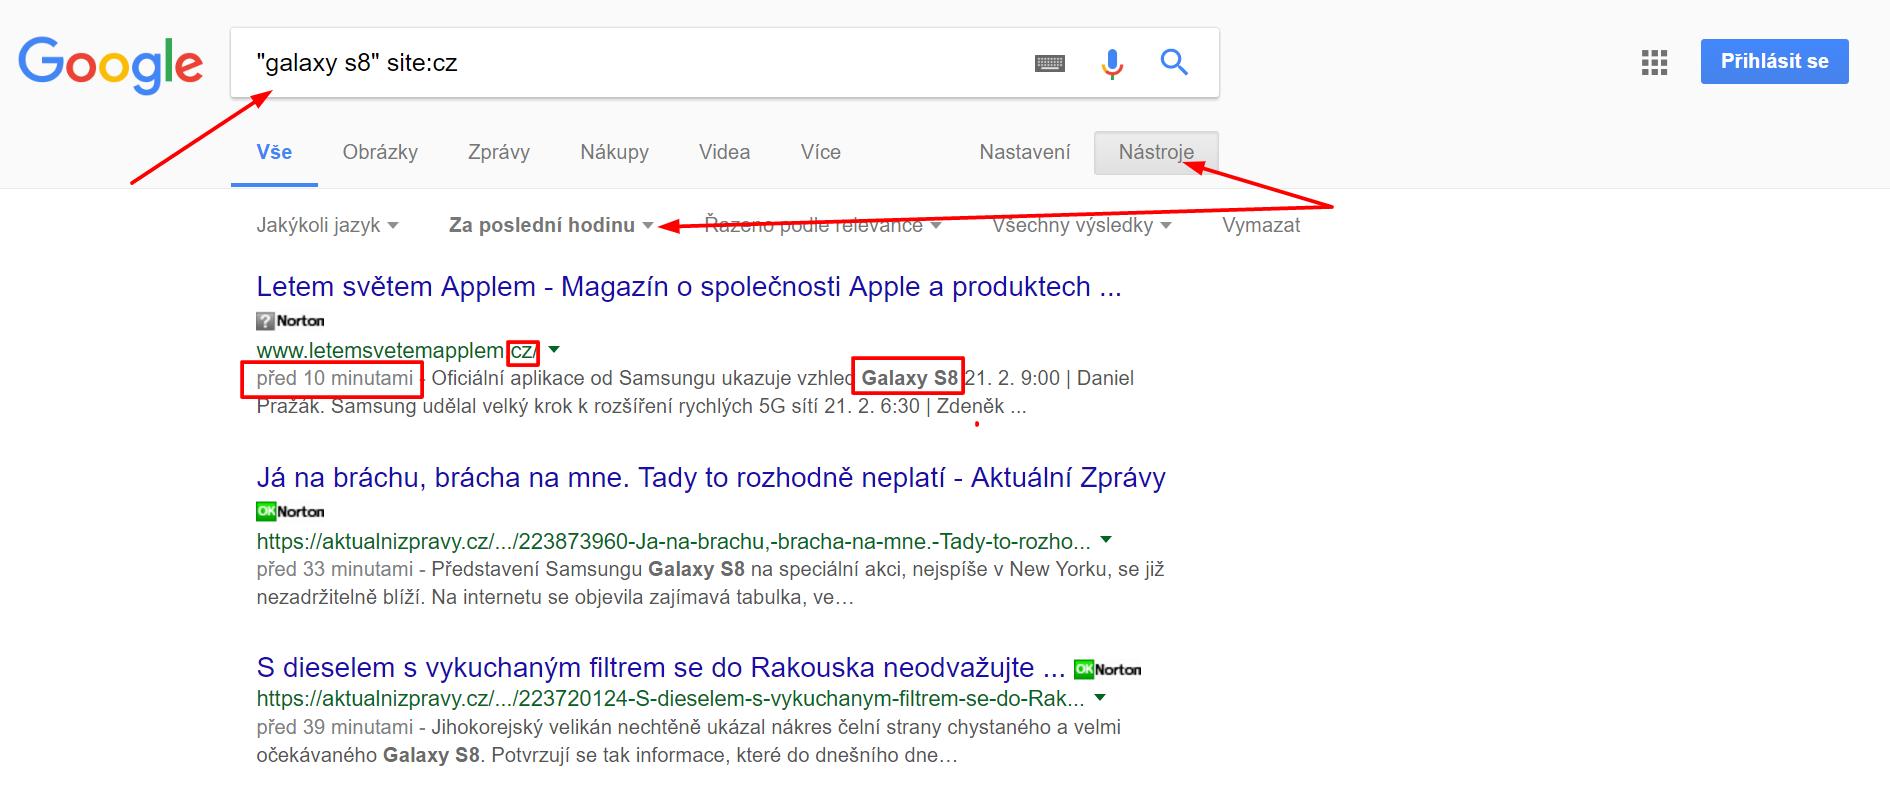 Pokročilé operátory Google